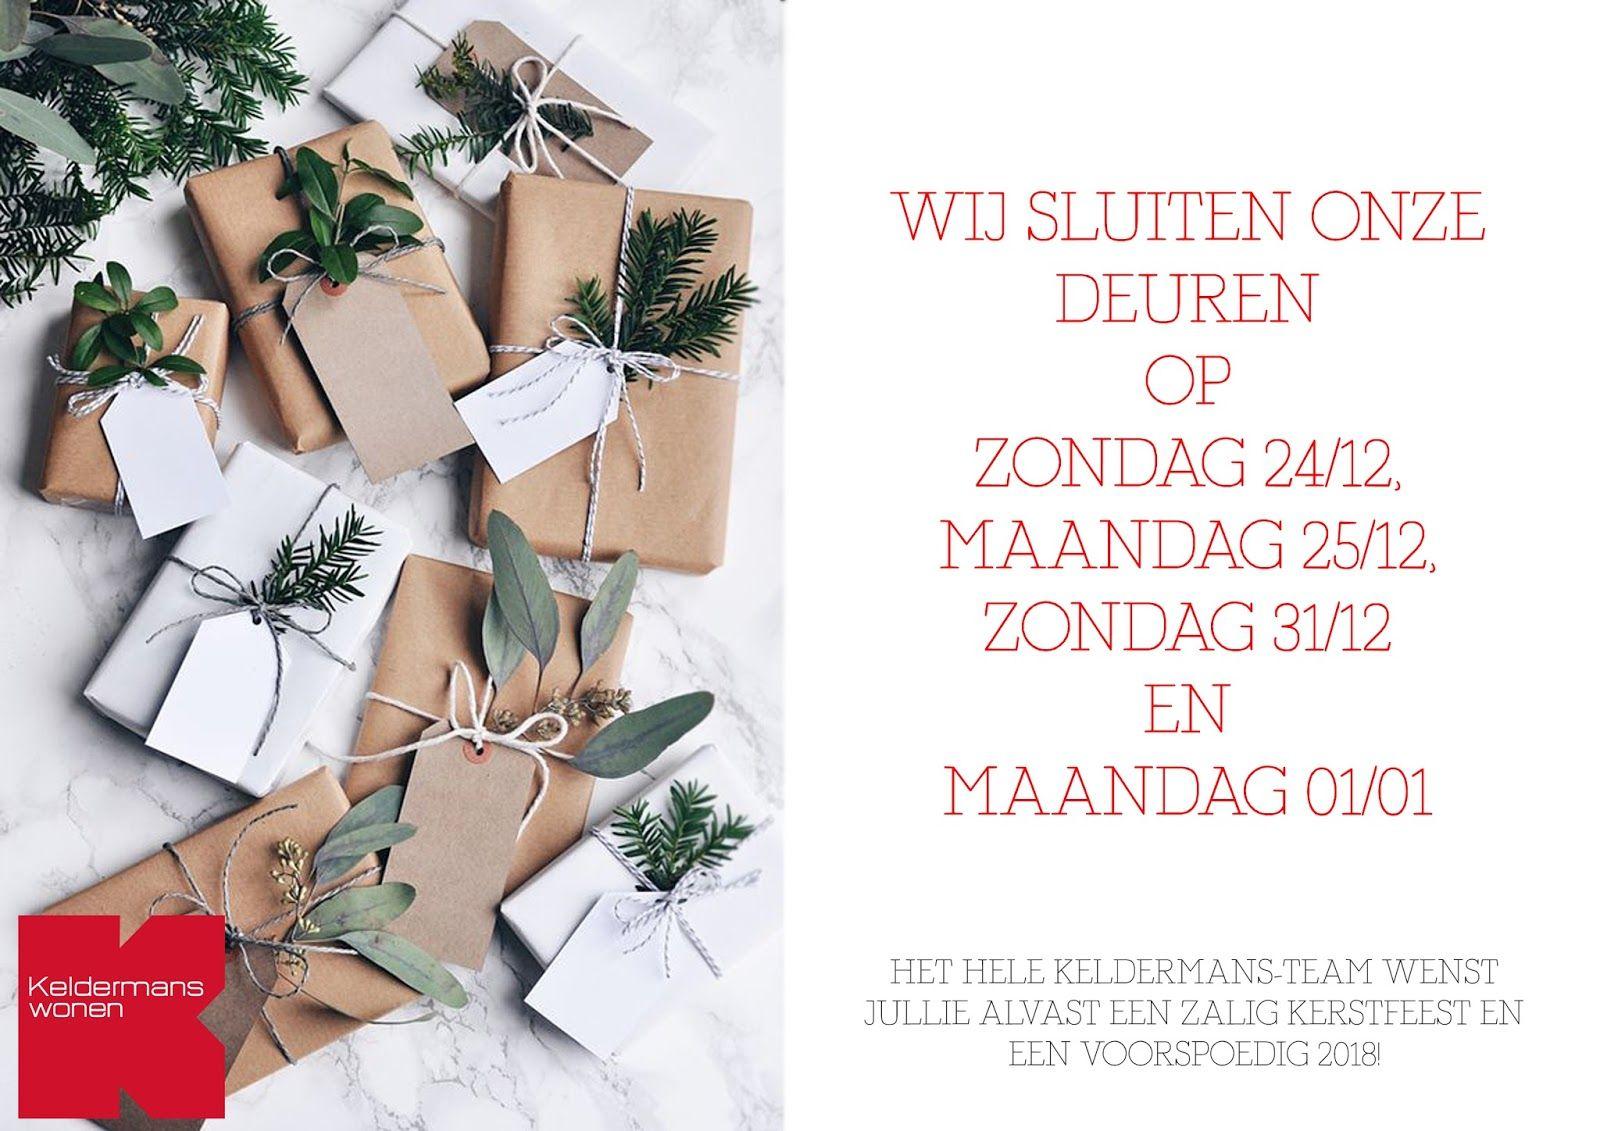 Openingsuren kerst- en eindejaarsperiode Keldermans Wonen